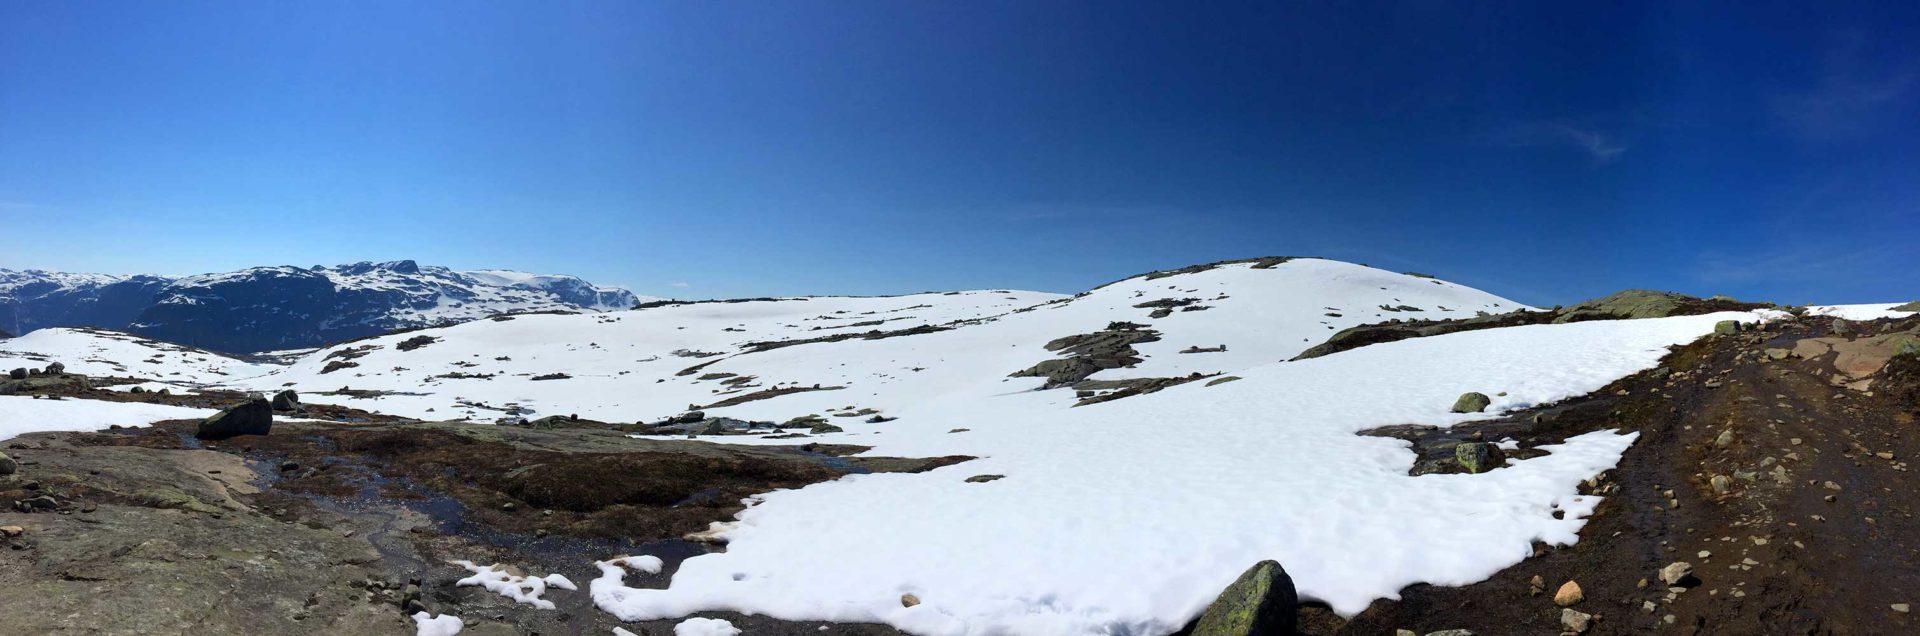 Trolltunga-Landscape